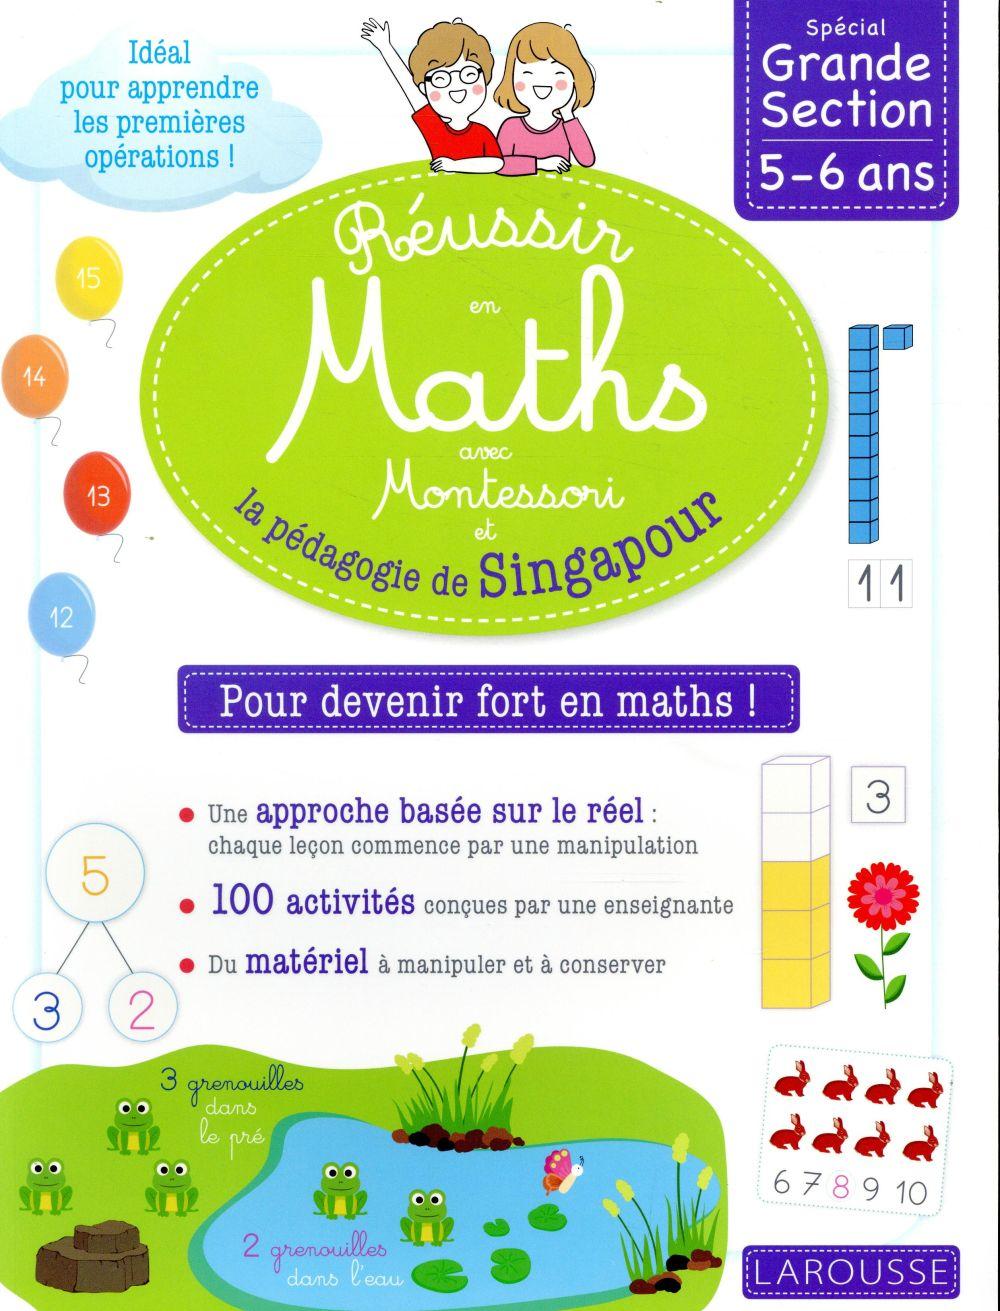 Reussir en maths avec montessori et la pedagogie de singapour gs